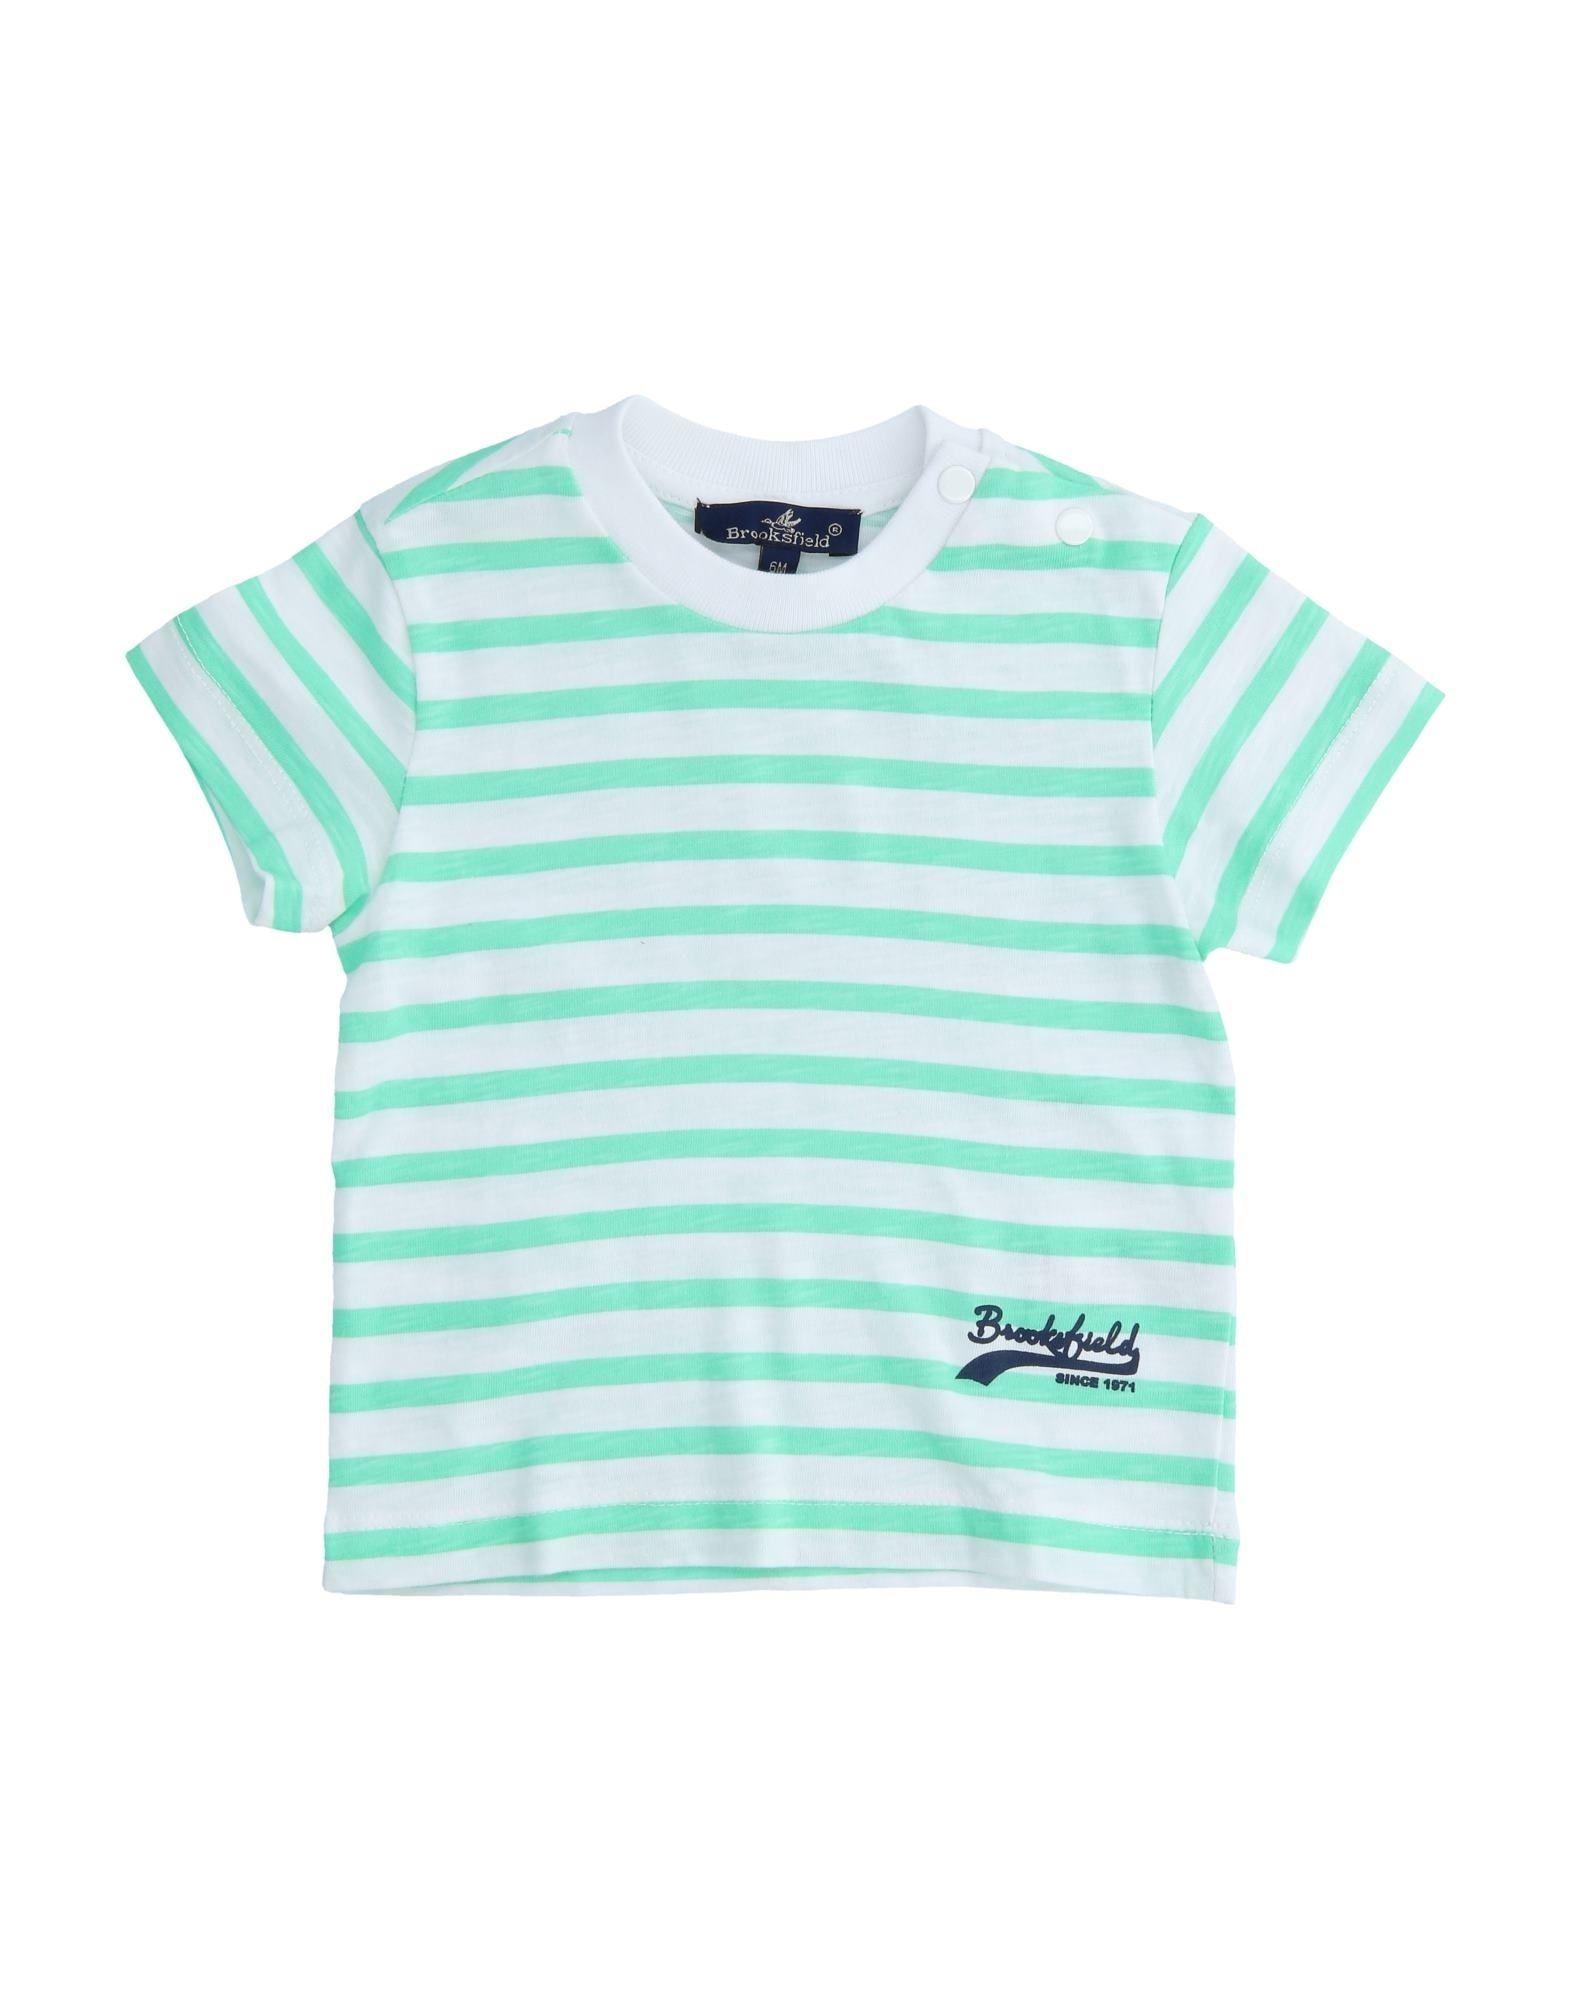 Brooksfield Kids' T-shirts In Green